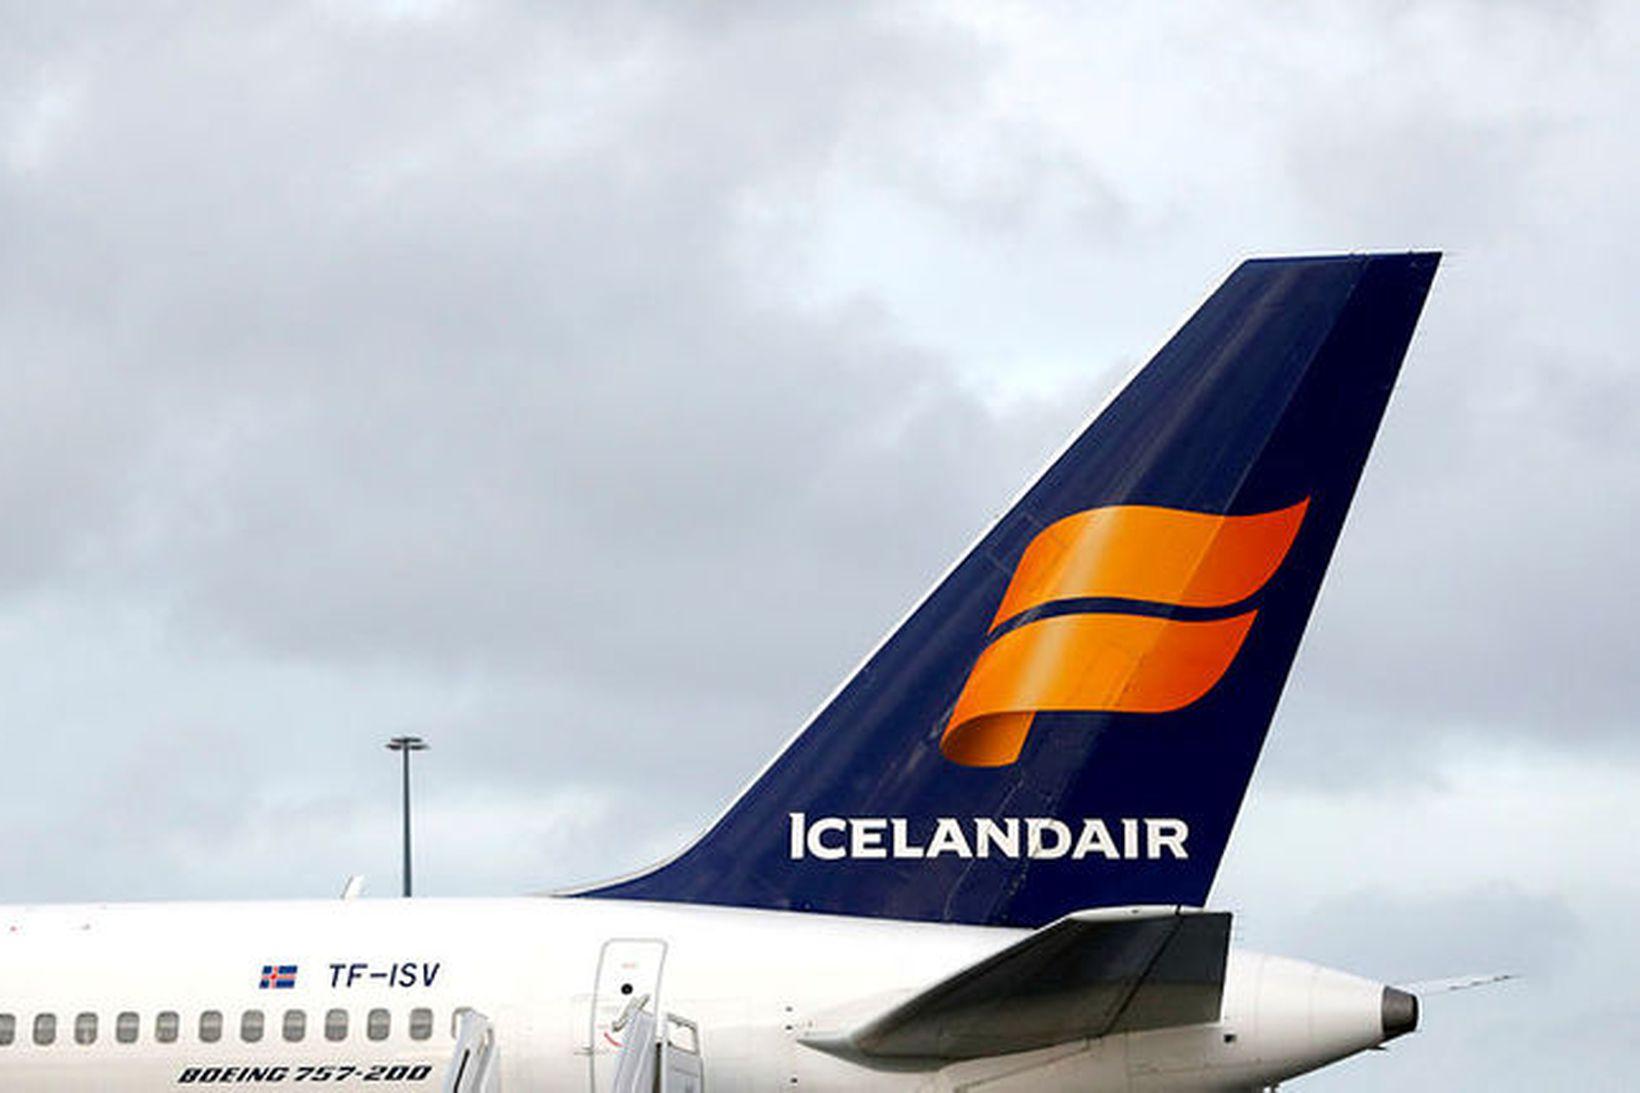 Ásdís Ýr segir Icelandair hafa gengið lengra en mörg önnur …